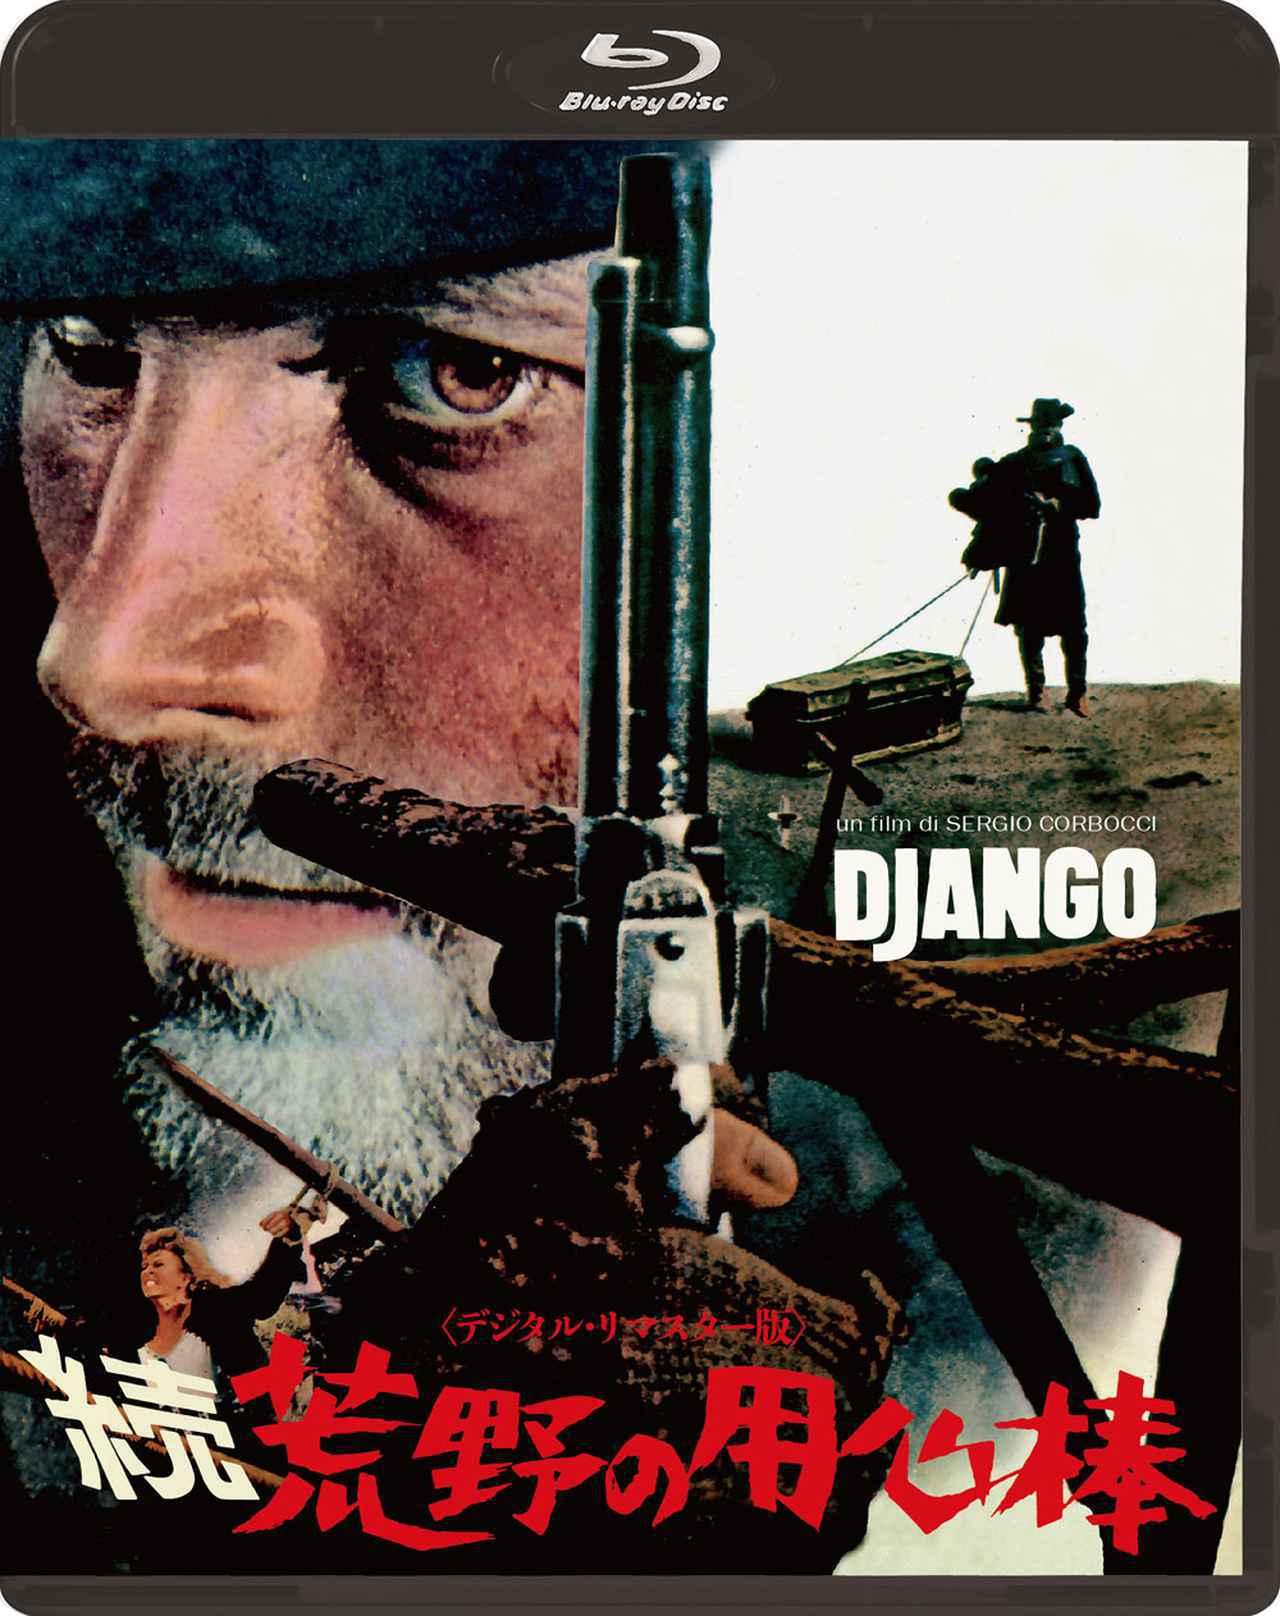 画像1: マカロニ監督「セルジオ・コルブッチ」の代表作『続・荒野の用心棒』&『殺しが静かにやって来る』のブルーレイ&DVDが、新マスター仕様で9月16日に発売